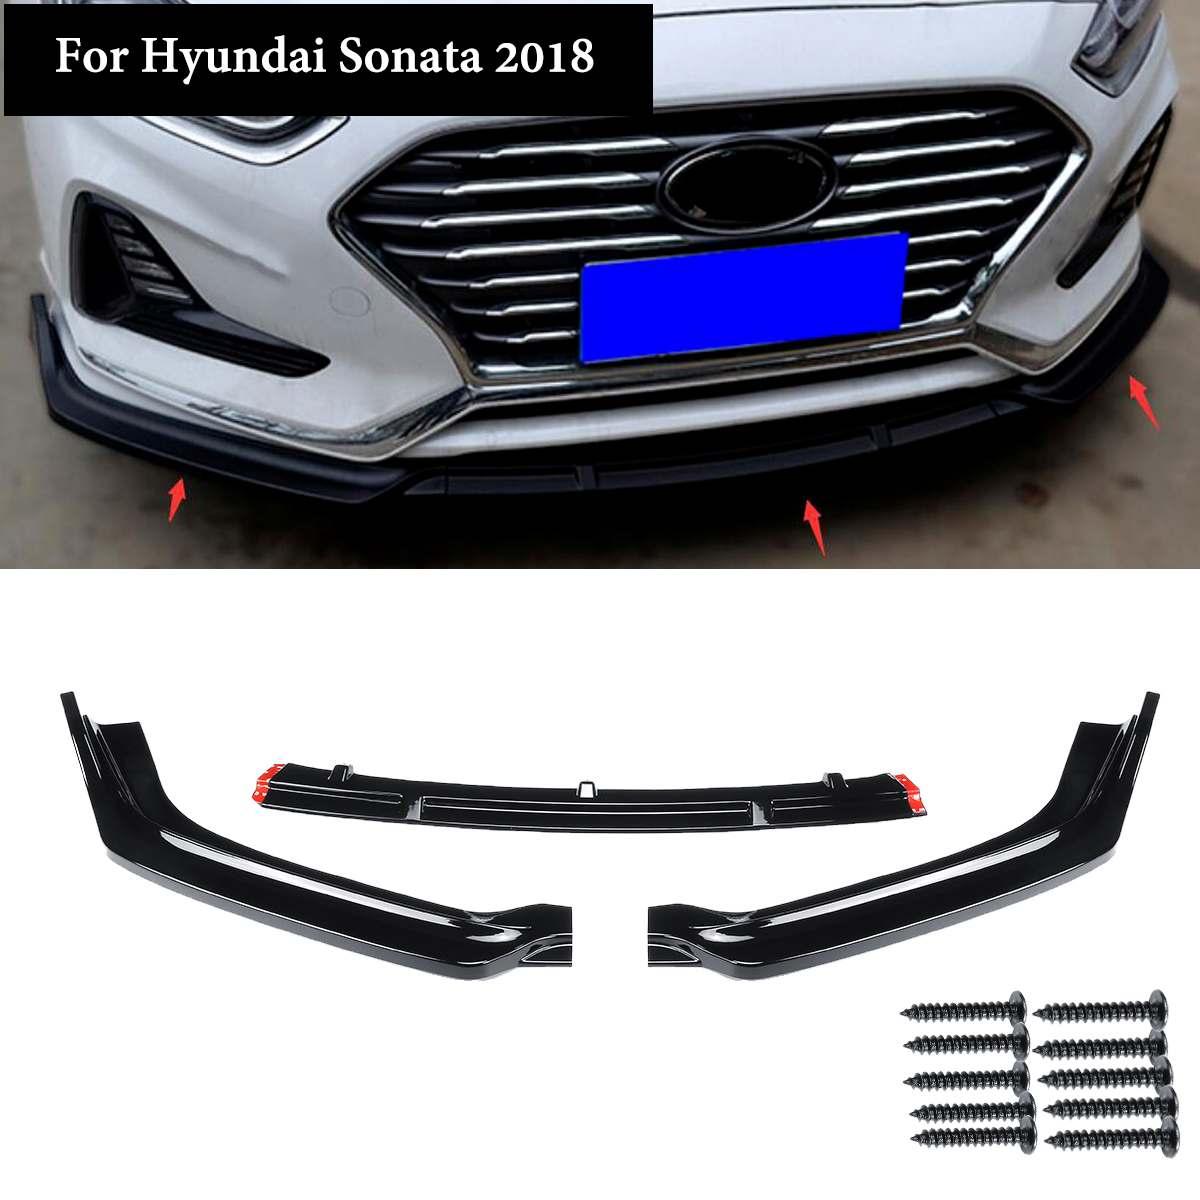 Garniture de couverture de lèvre de pare-chocs avant de voiture de 3 pièces/ensemble pour Hyundai Sonata Hybrid 2018 pièces extérieures Auto brillant noir ABS pare-chocs avant